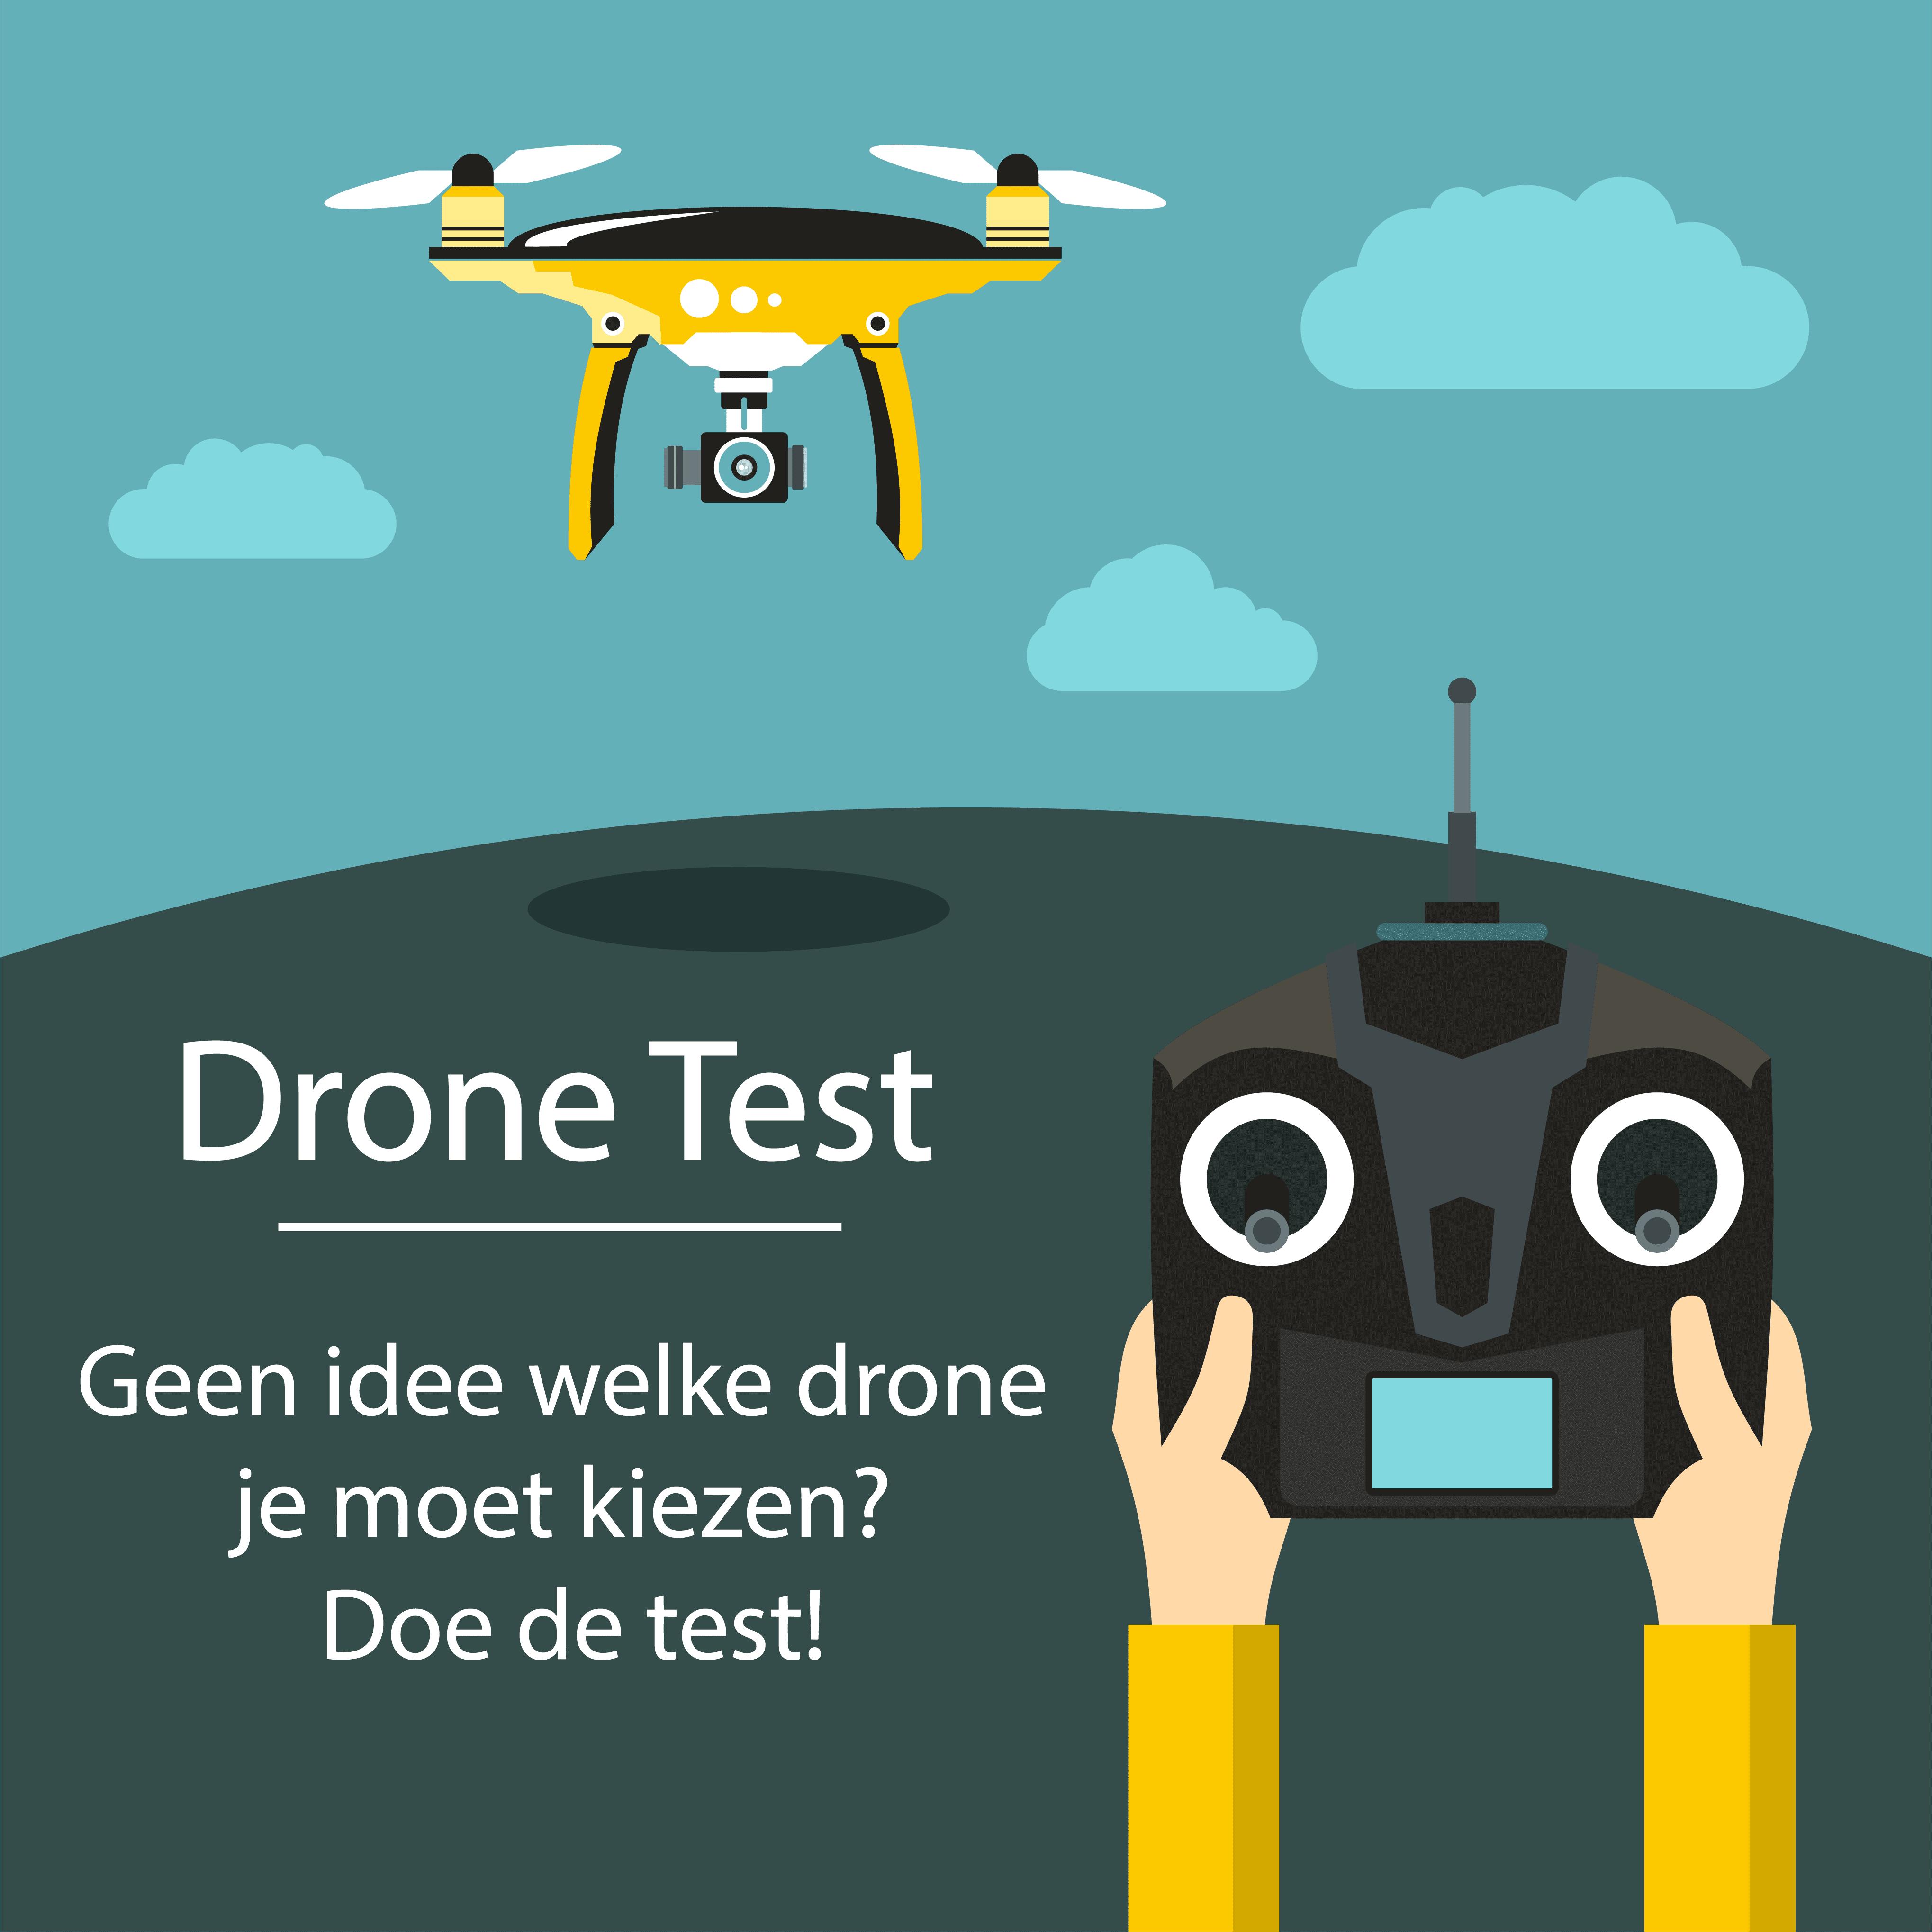 drone test goede drone kiezen optimized 2